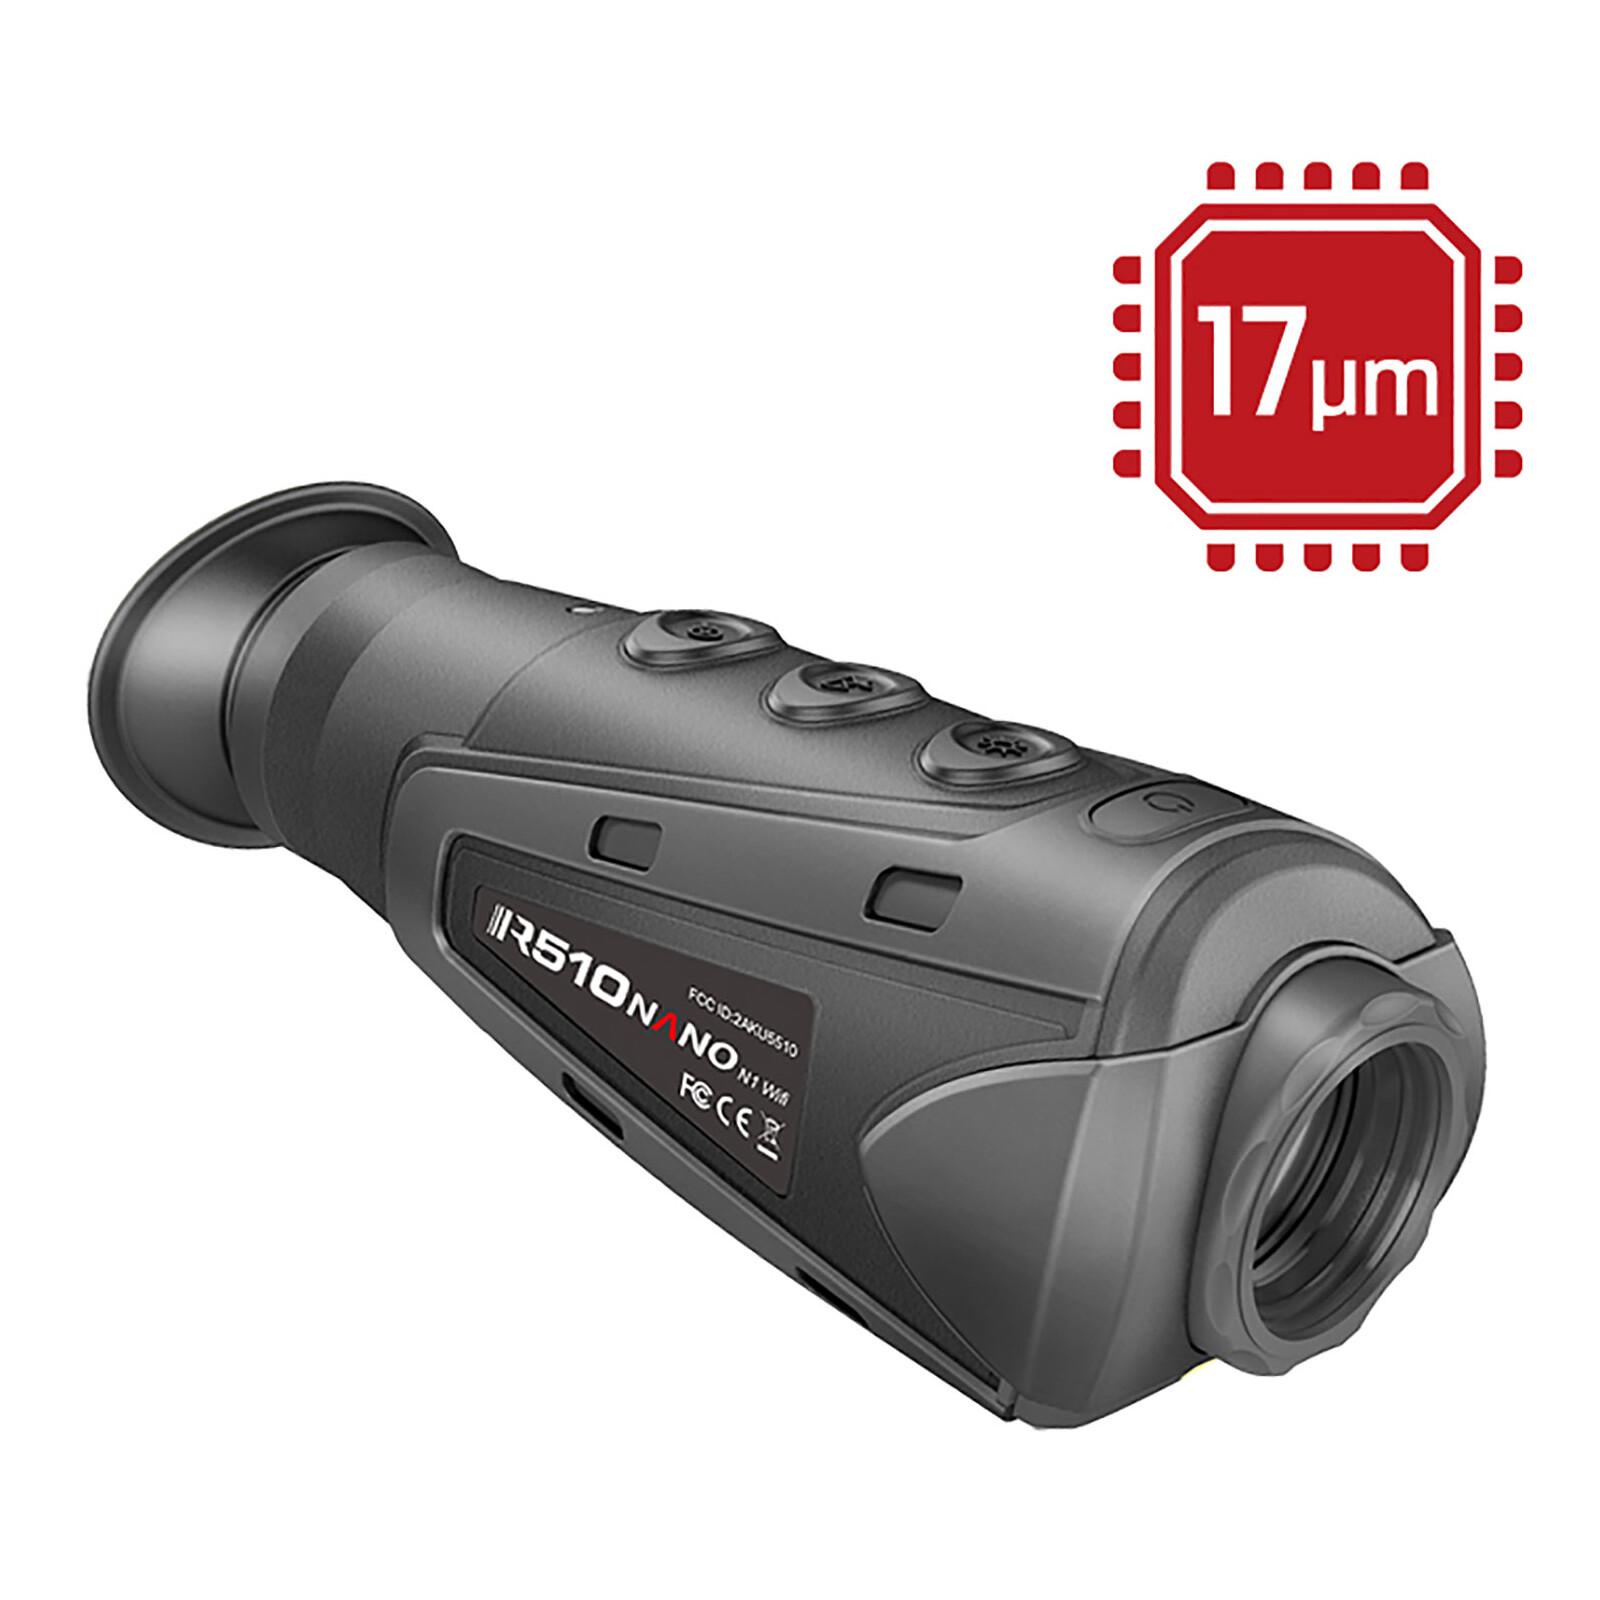 Guide IR510 Nano Series N1 19mm Handheld Thermal Imager